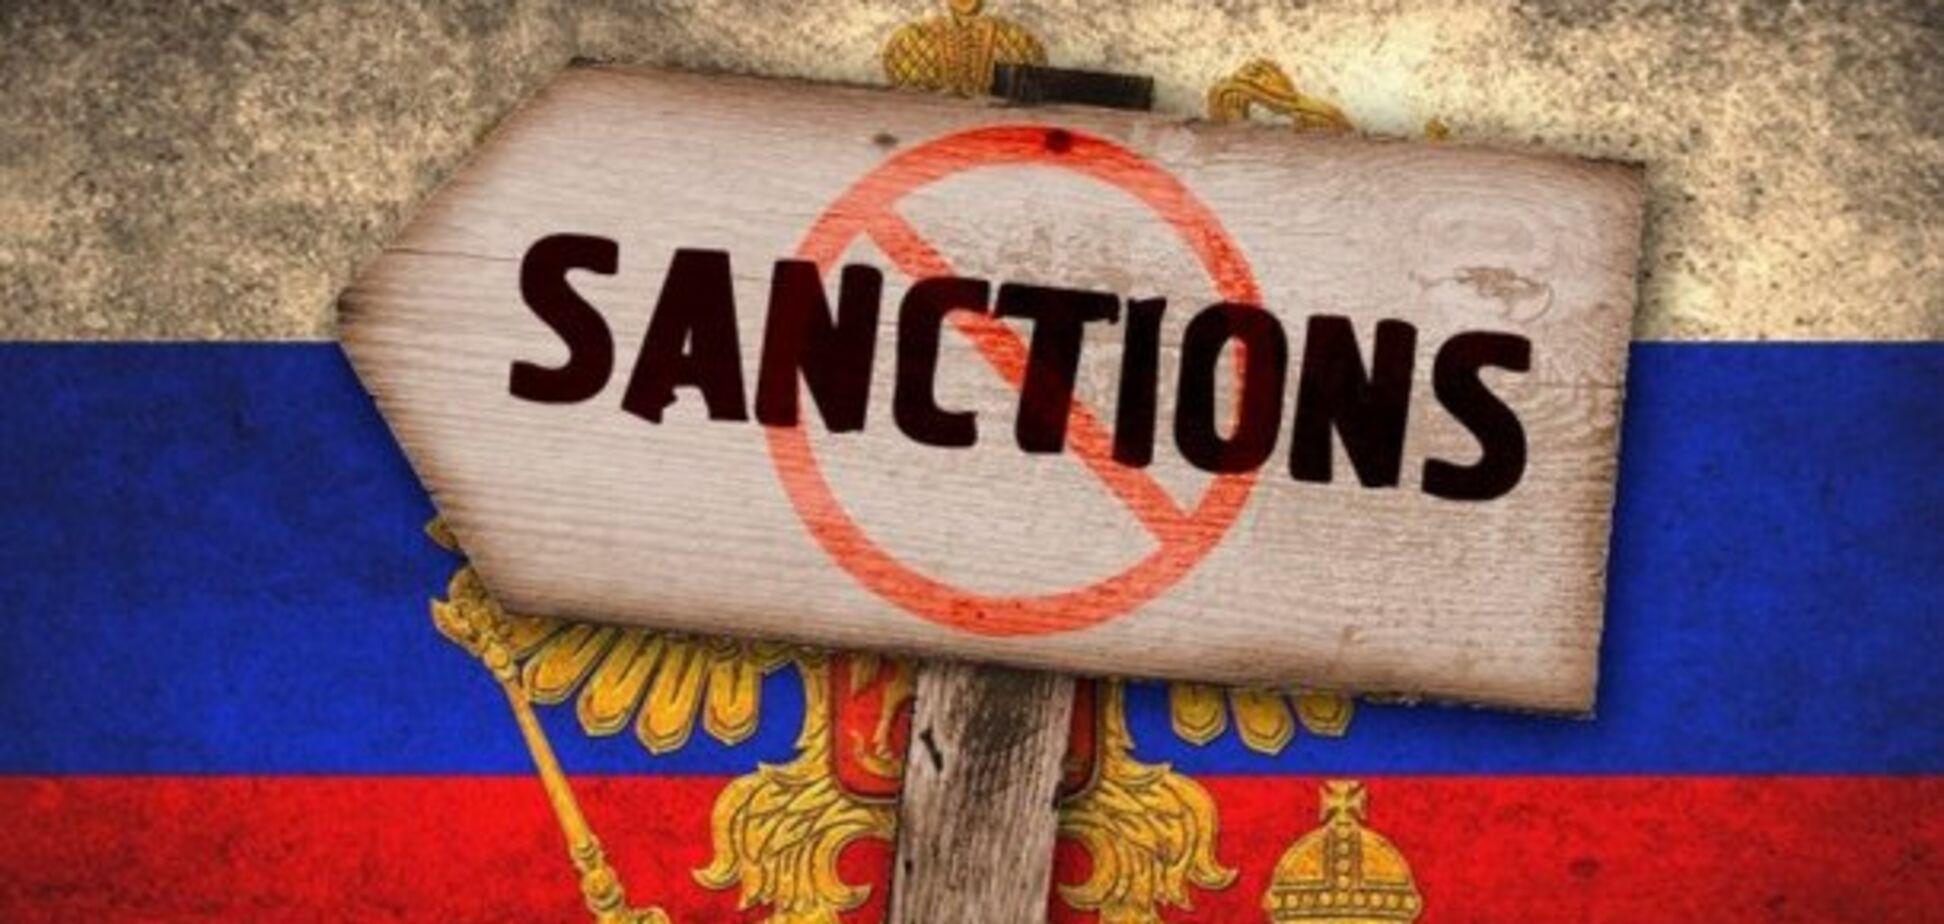 'Они что, за идиотов нас держат?' В Украине возмутились санкционным списком США